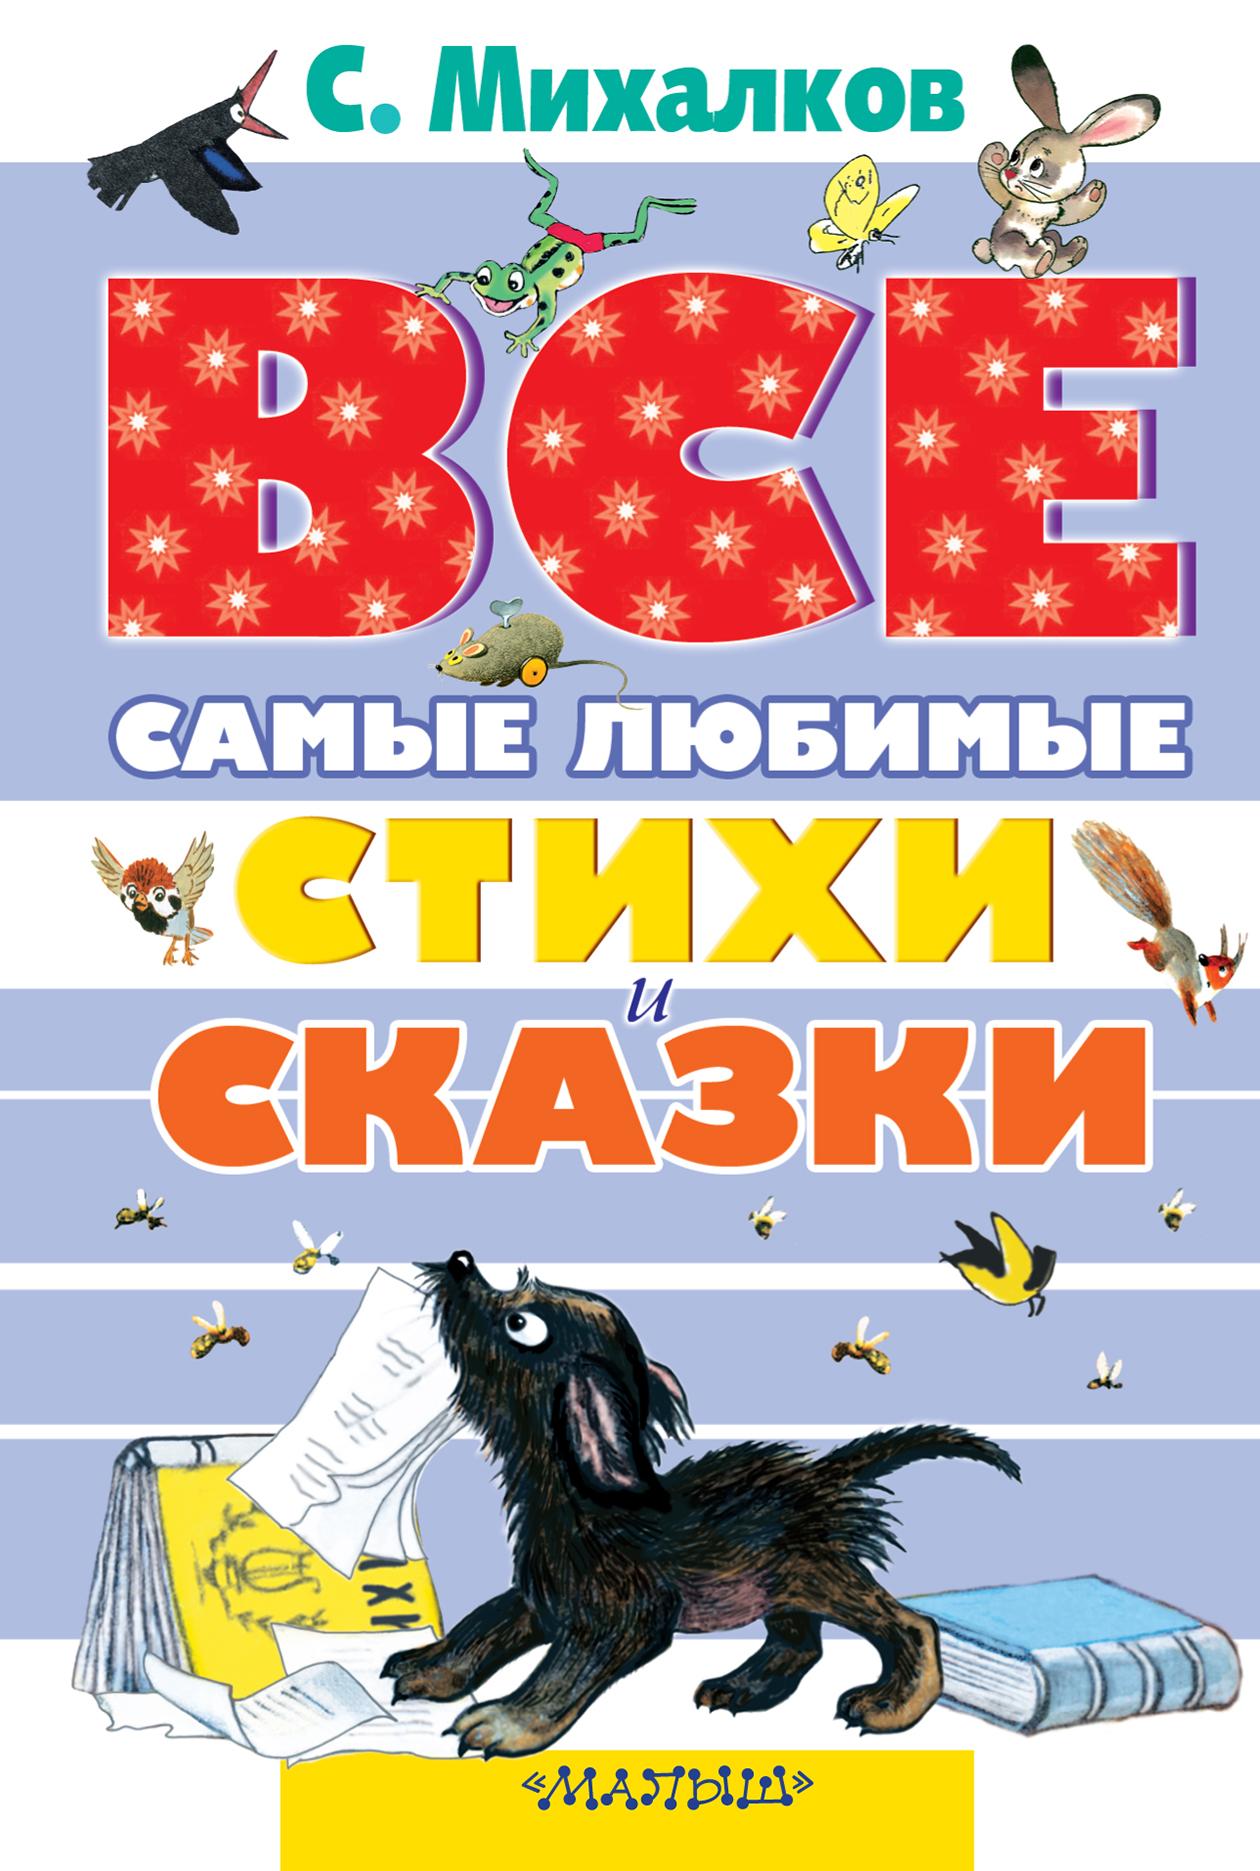 Купить Все Самые любимые Стихи и Сказки С.Михалкова, АСТ, Стихи для детей